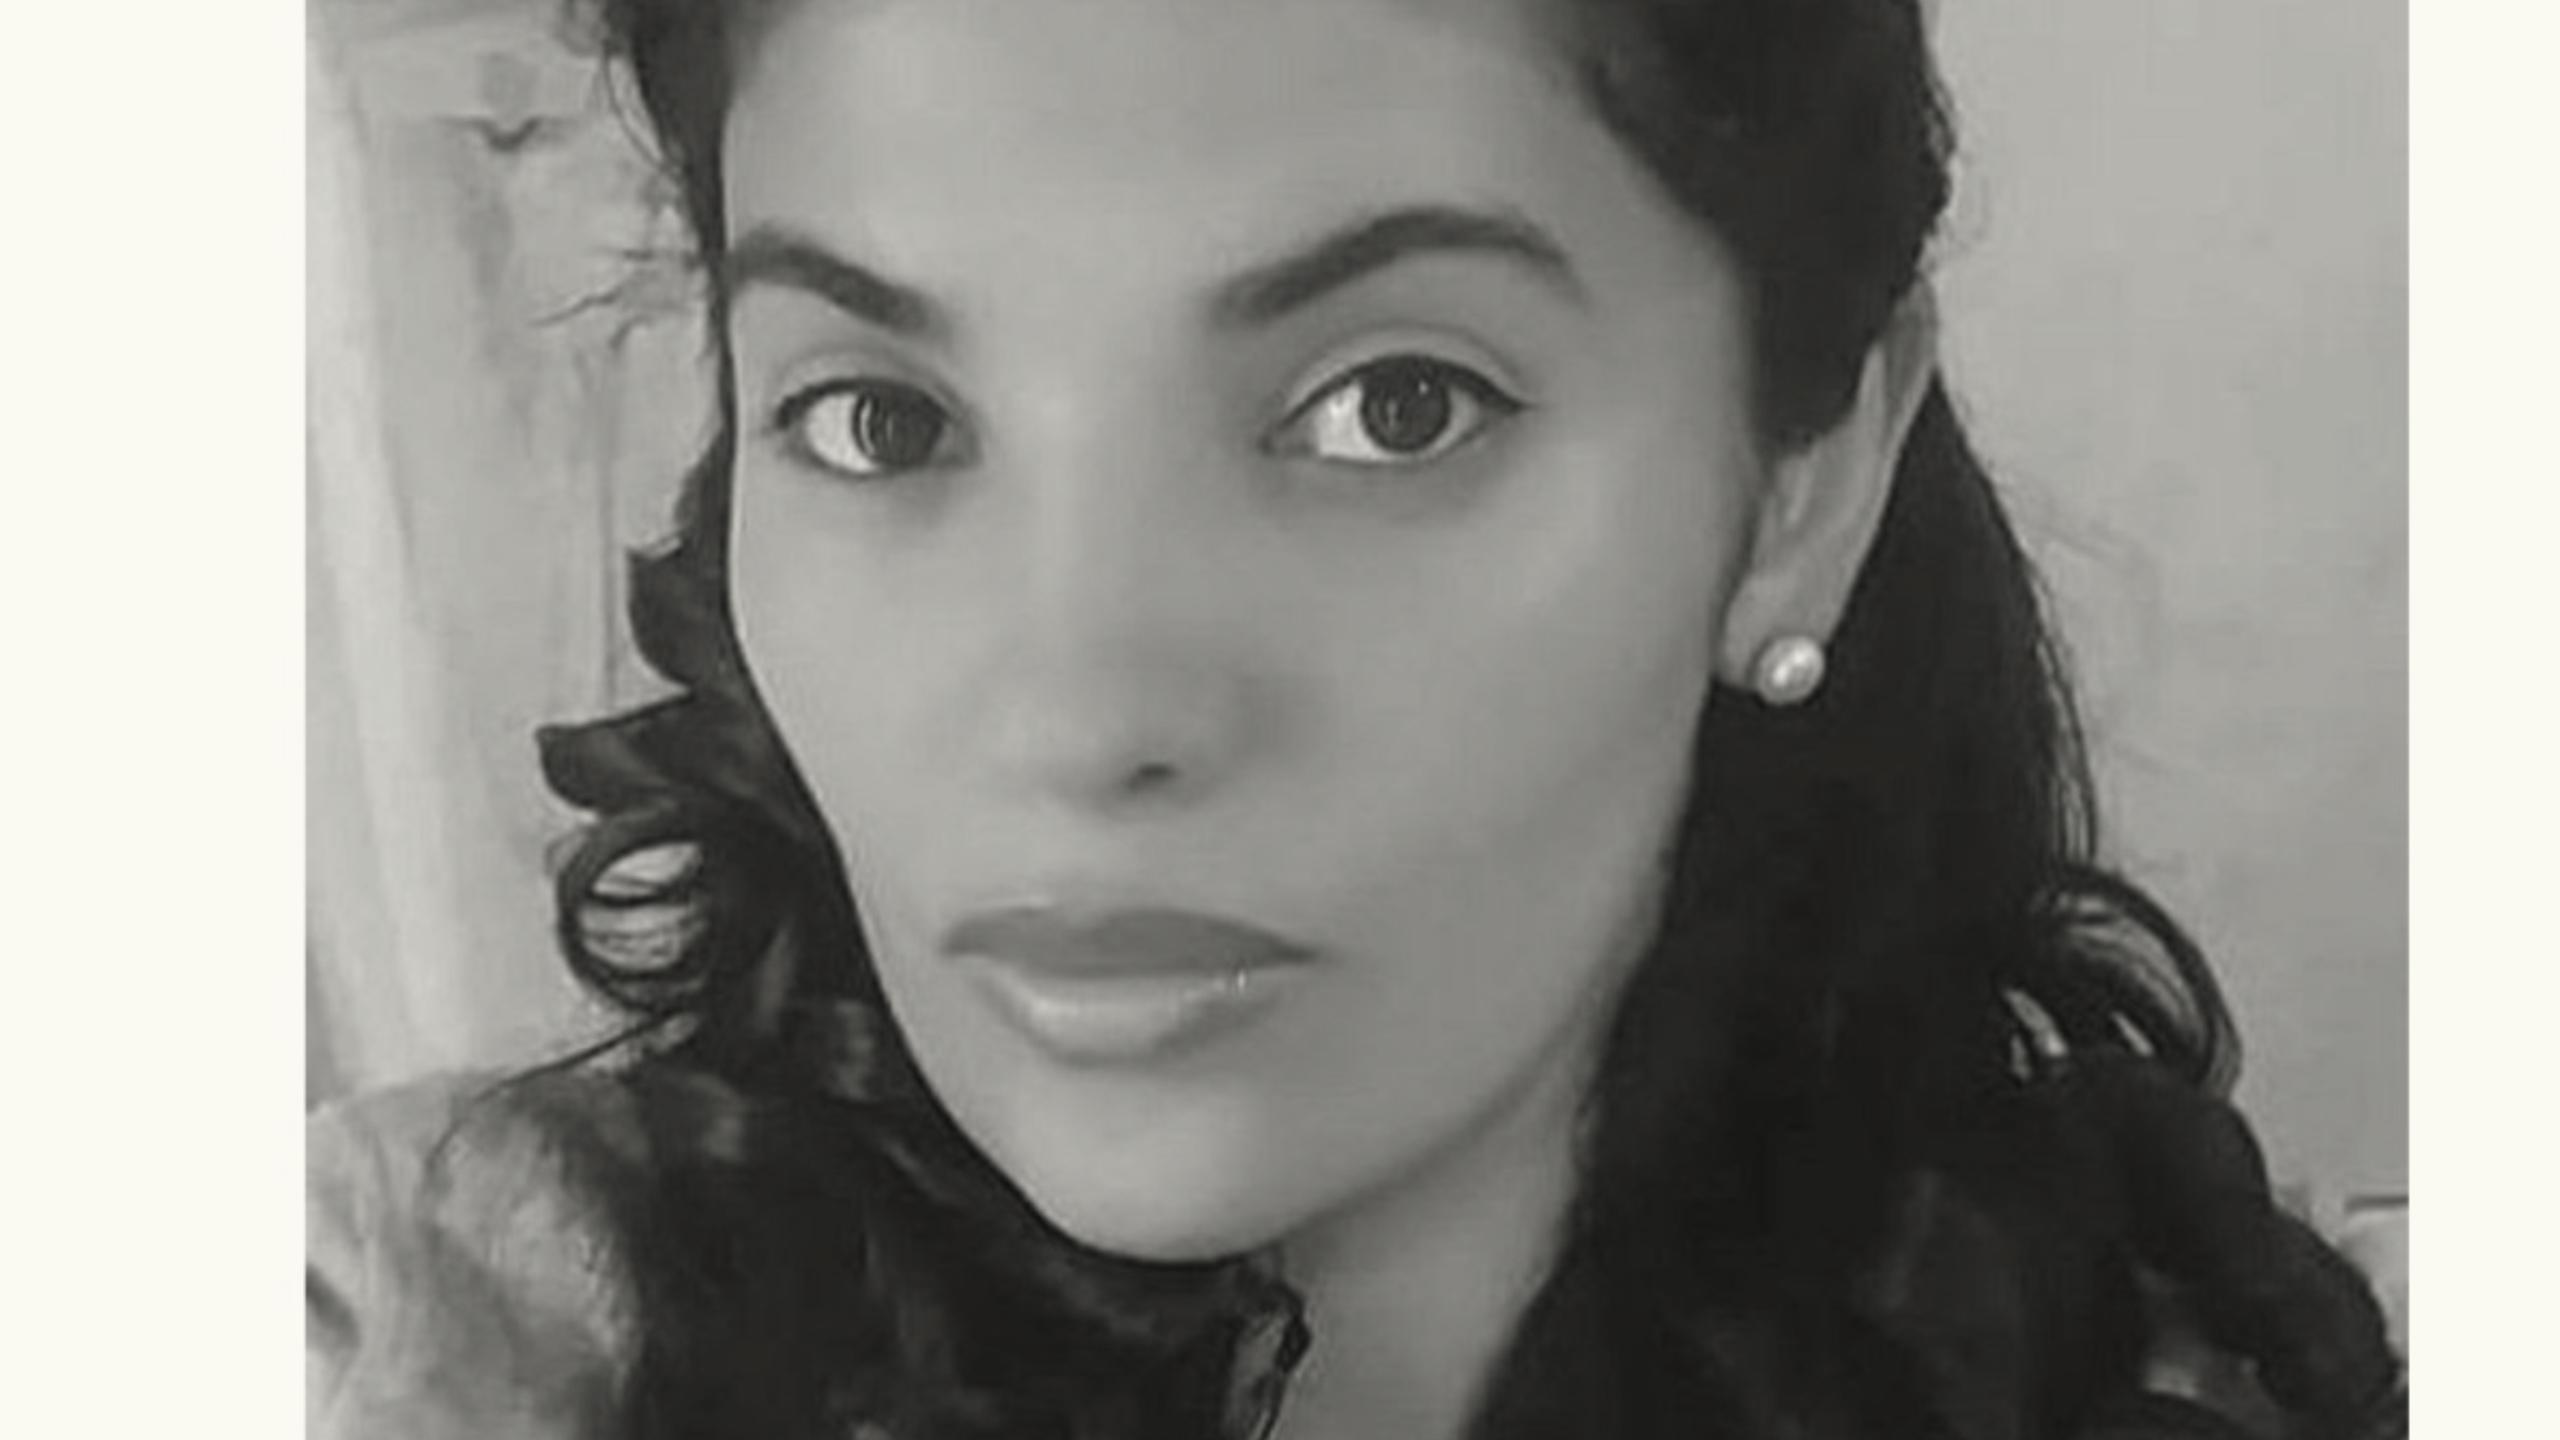 """La reportera de investigación Thirzia Galeas está encerrada desde el domingo 24 de mayo en el centro de detención de Stewart, en Atlanta, Estados Unidos, mejor conocido por los migrantes como la """"jaula del miedo""""."""